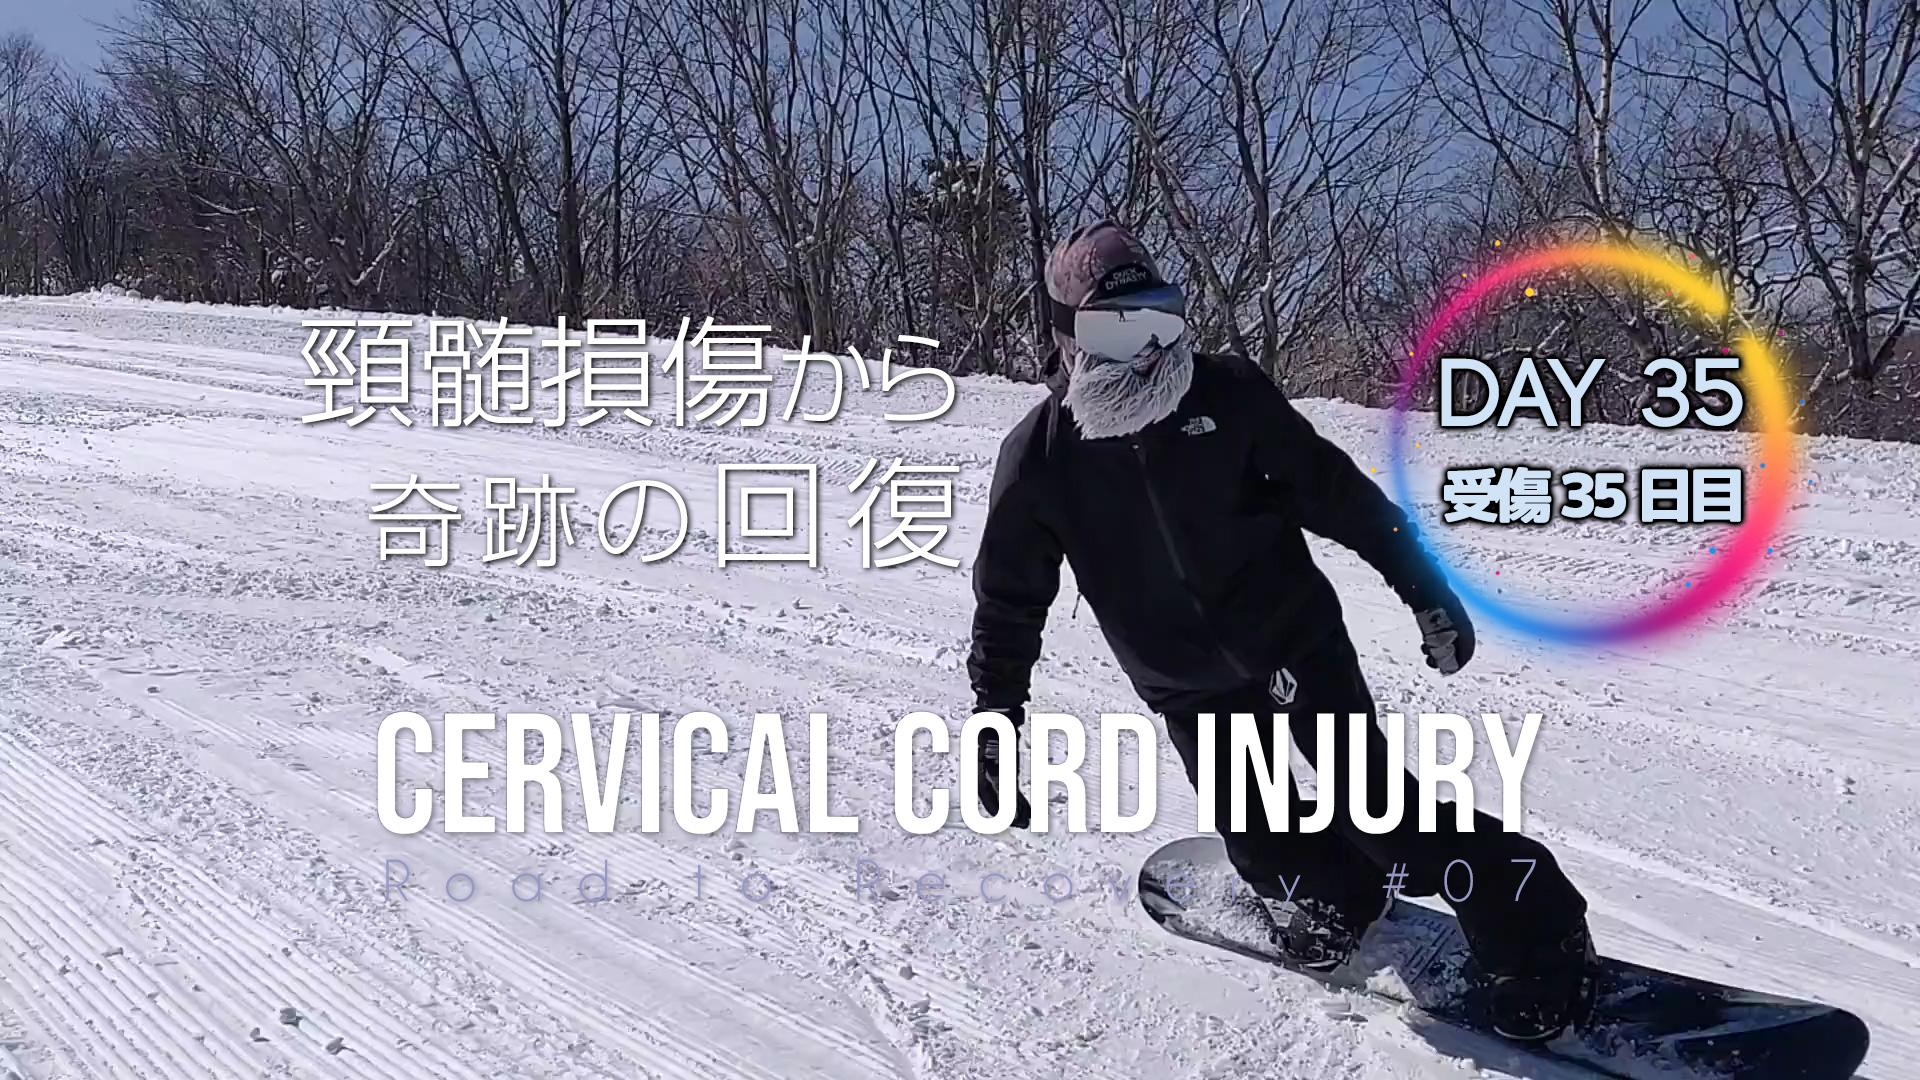 頚椎損傷「もう一度、大好きな事をやりたい(後編)」不幸を幸せに変える 頂上から滑りたい(事故から35日目)